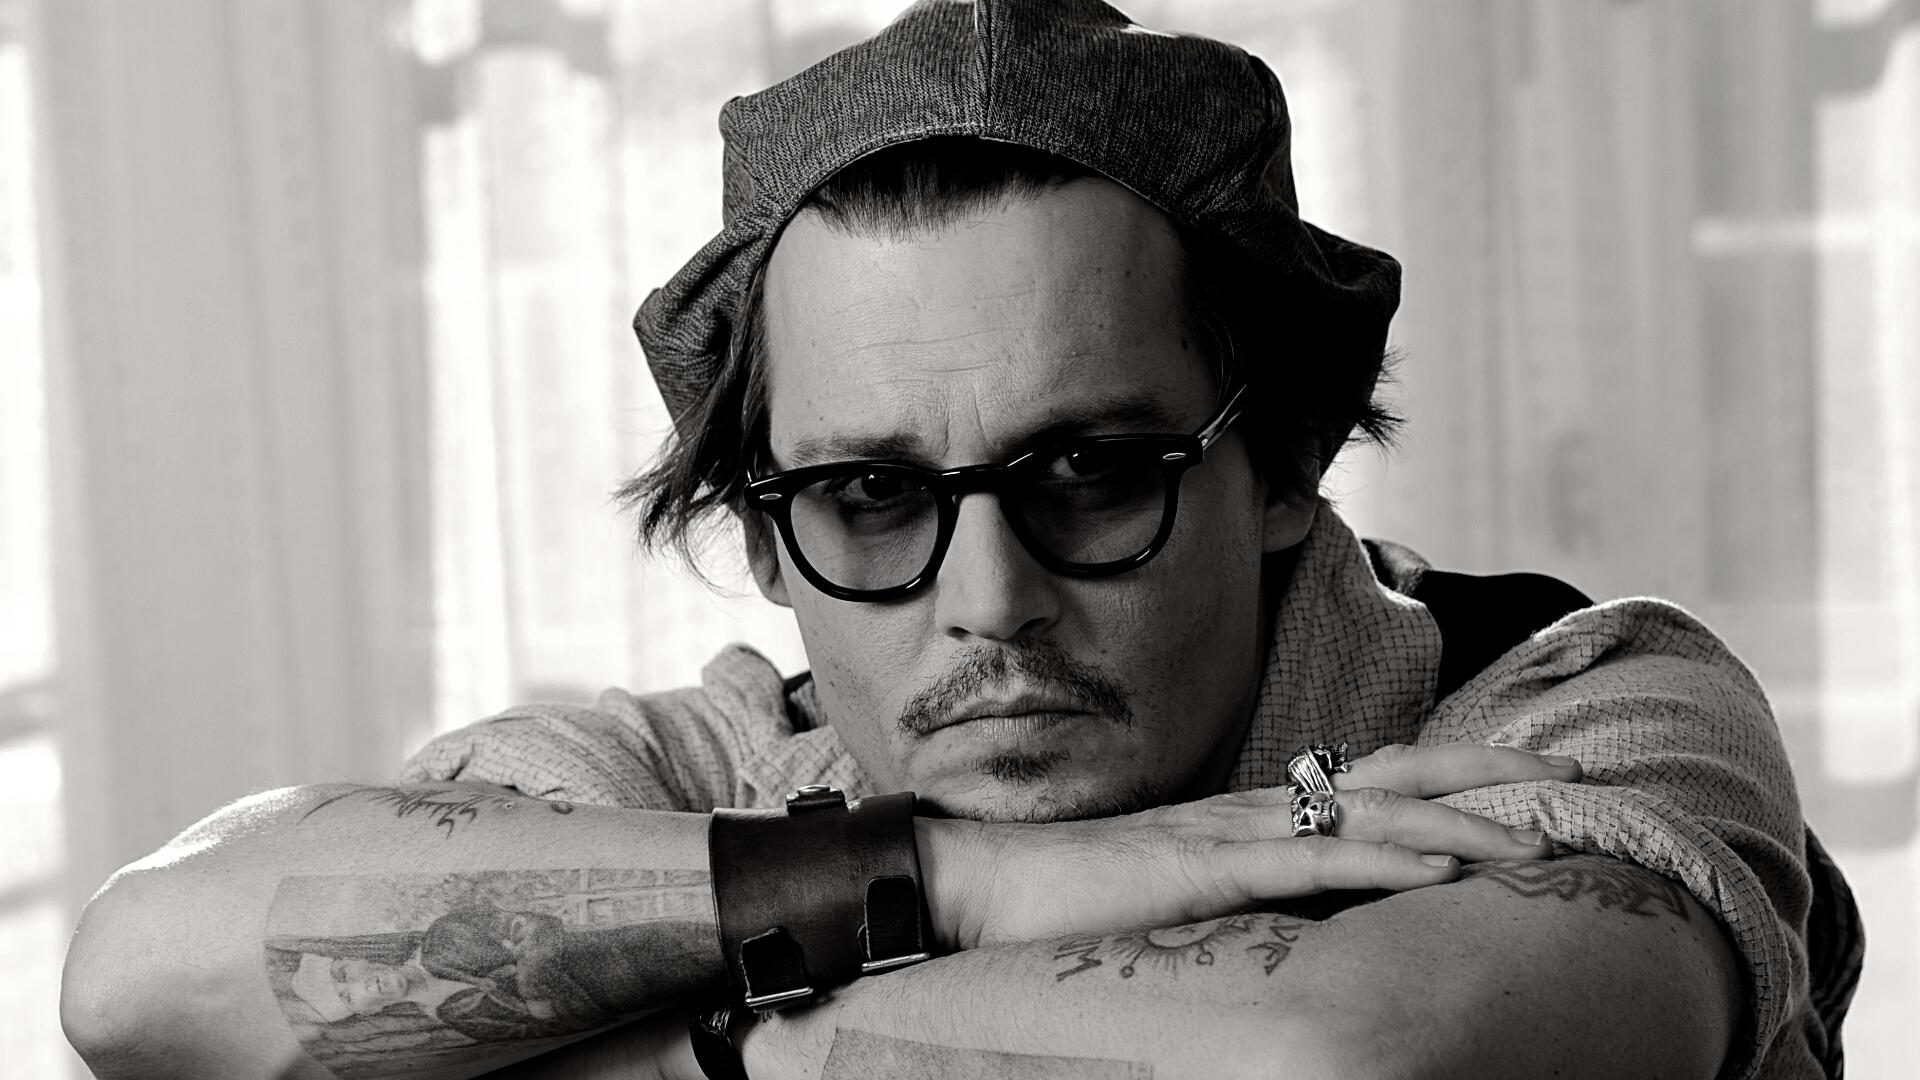 Portrait Johnny Depp : Pirate du Septième Art.